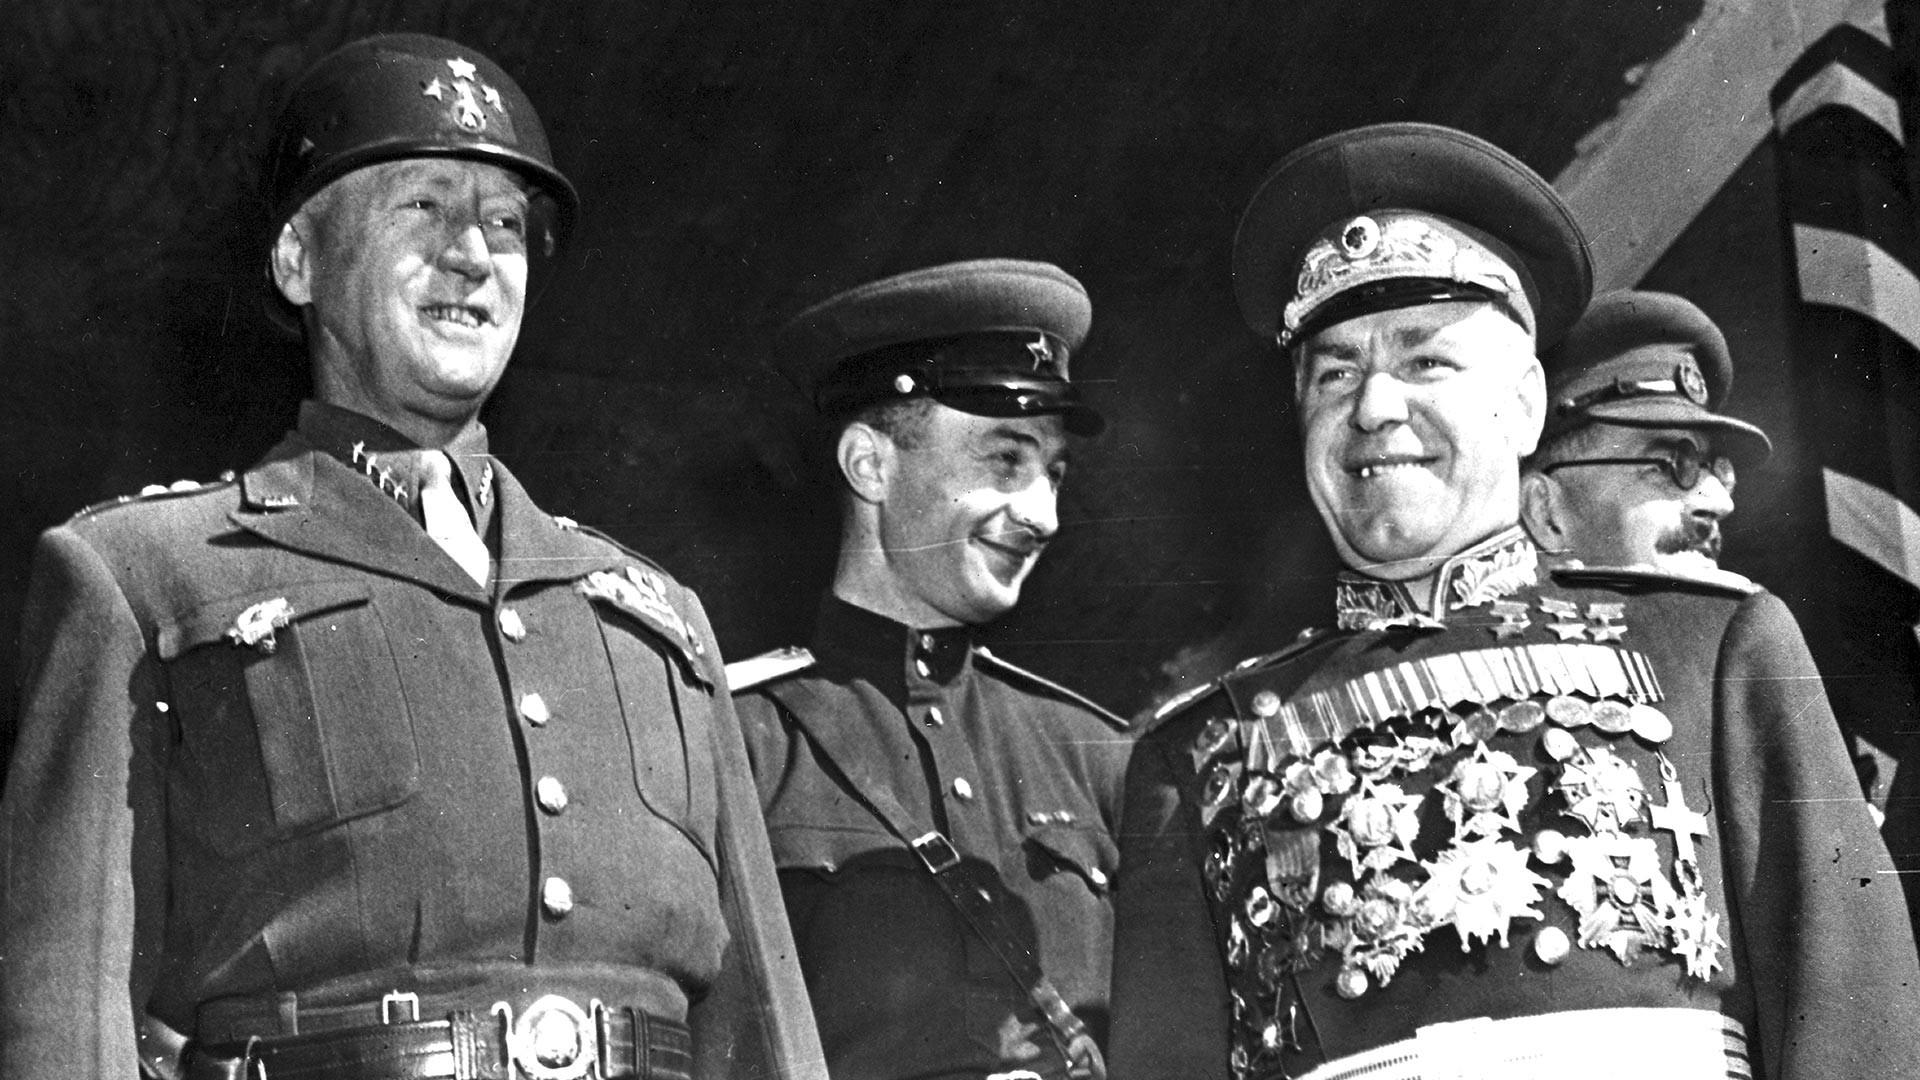 George Patton (à gauche) et Gueorgui Joukov (à droite) durant le défilé à Berlin